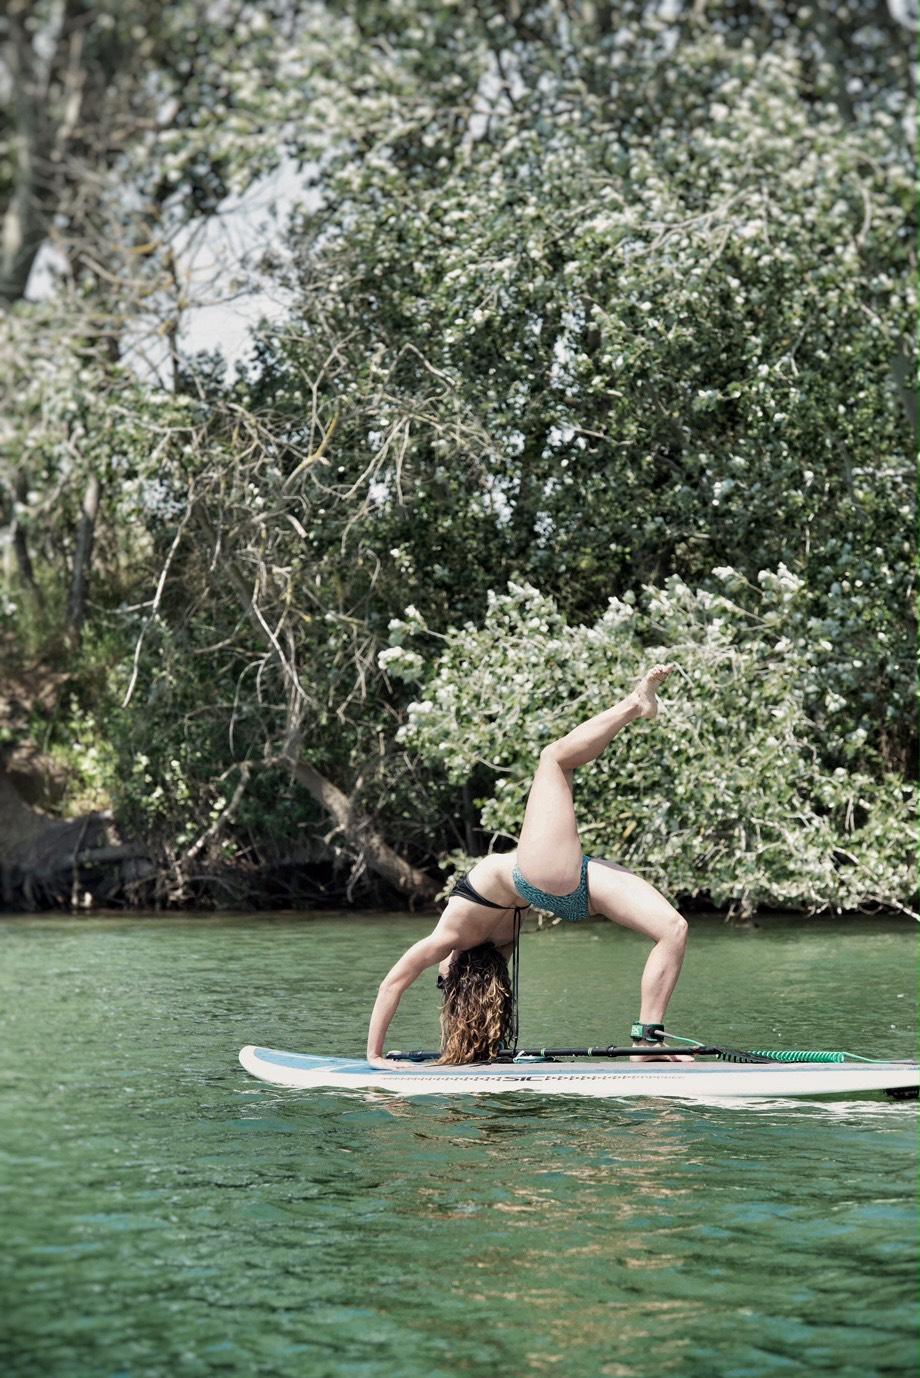 inspirafit yoga paddle surf bikini equilibrio